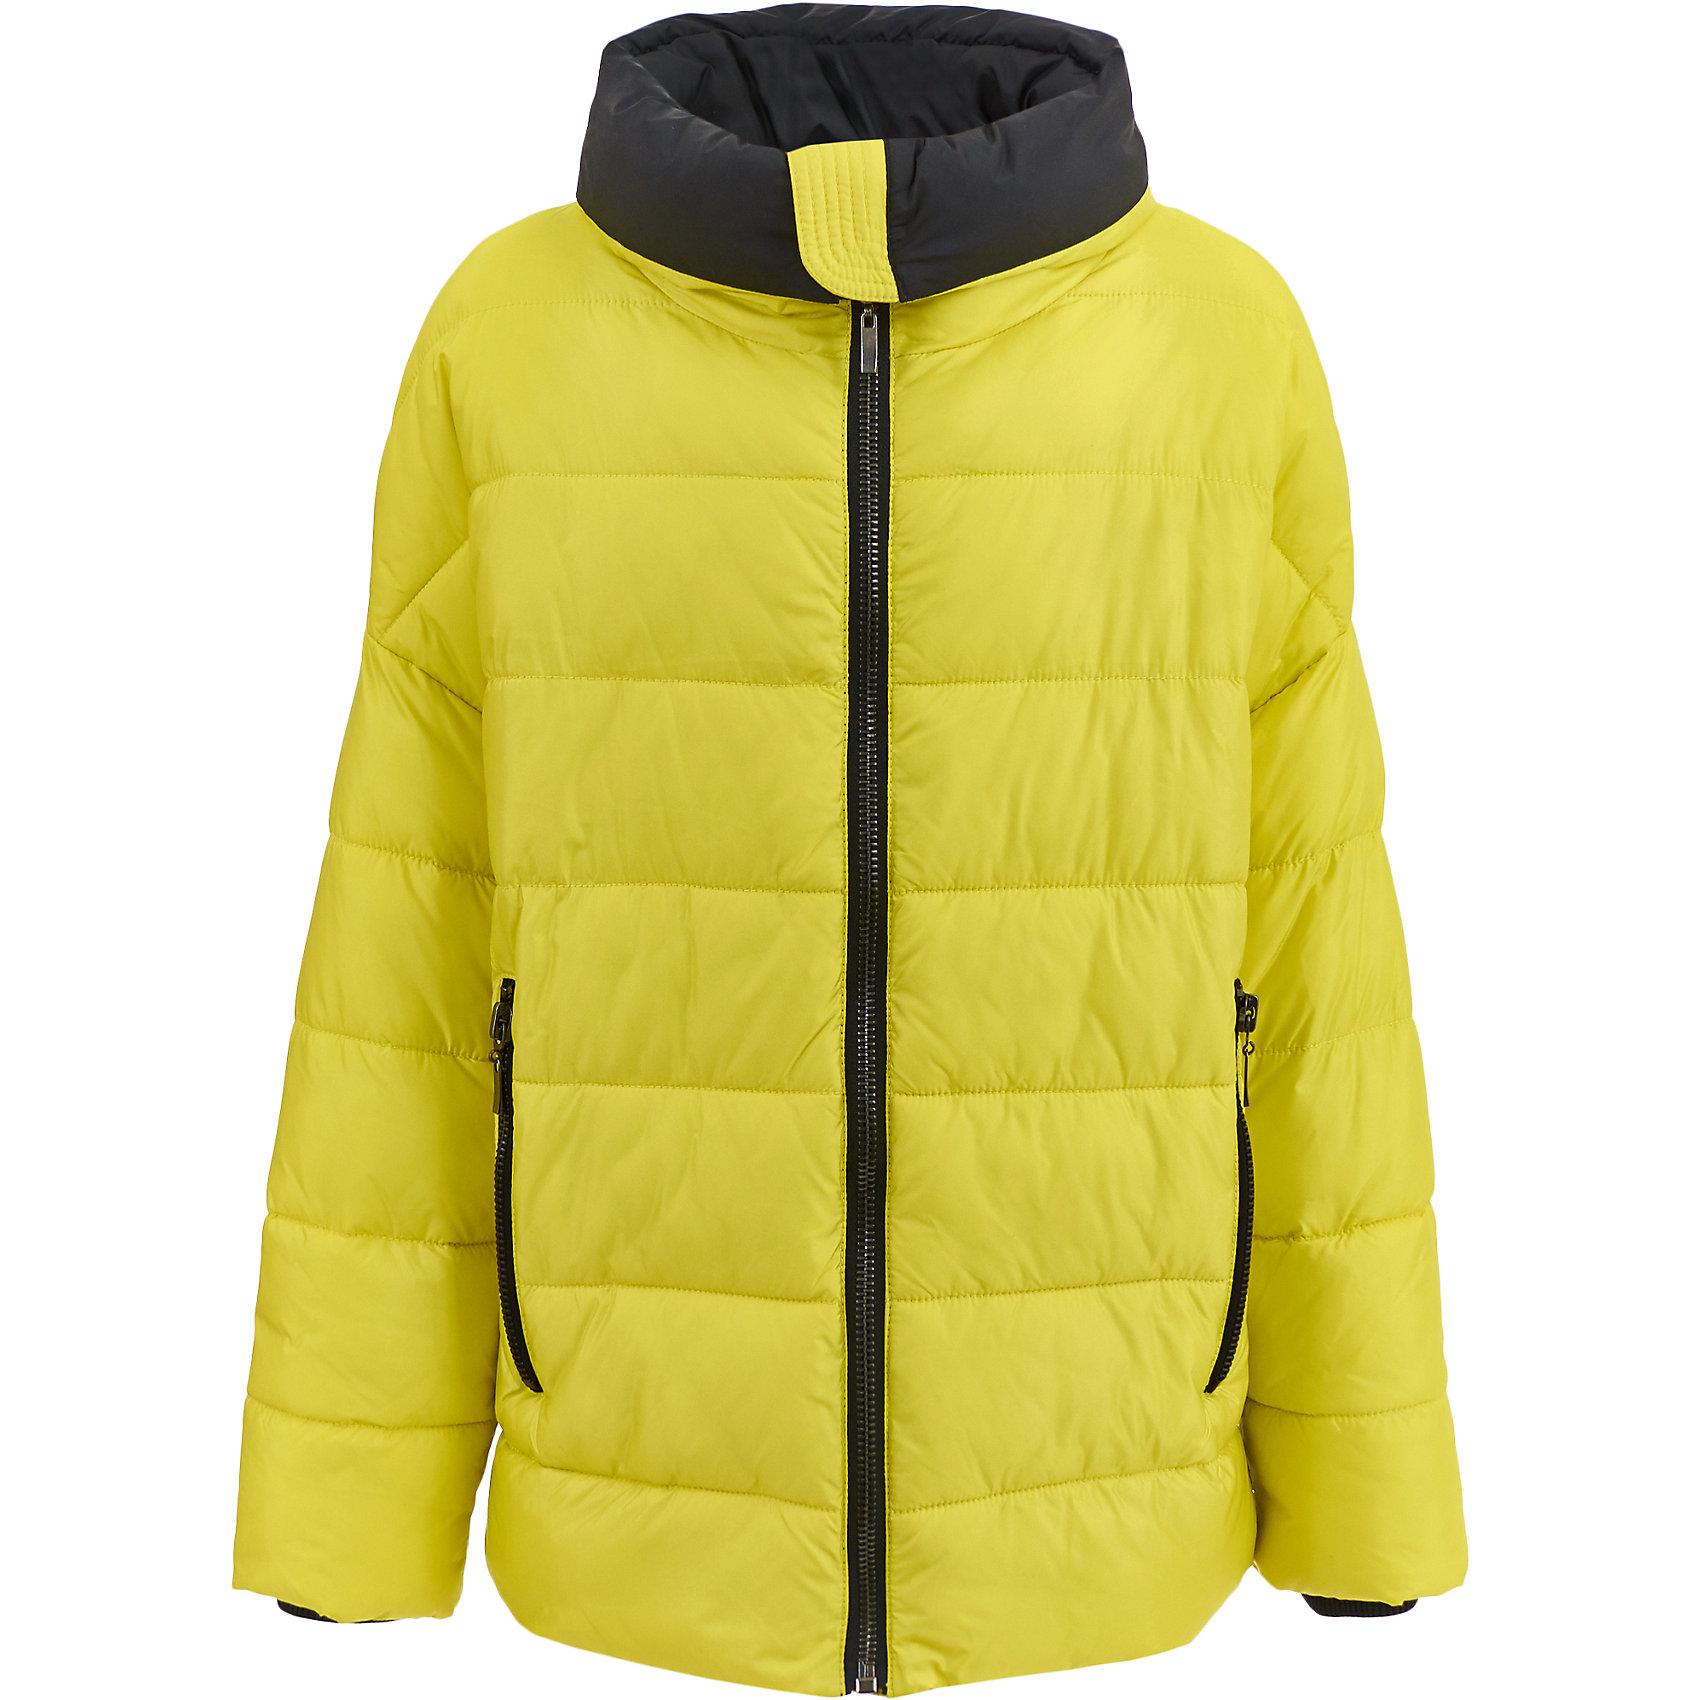 Куртка Gulliver для девочкиВерхняя одежда<br>Куртка Gulliver для девочки<br>Хит сезона Осень/Зима 2017/2018 - черное платье в клетку! Оно выглядит смело, необычно, оригинально и поэтому имеет все шансы понравиться стильной девочке-подростку. Если вы хотите купить детское платье, присмотритесь к этой модели! Модное и комфортное, оно подчеркнет индивидуальность ребенка, сделав ее образ ярким и интересным.<br>Состав:<br>верх: 27% вискоза 7% хлопок 63% полиэстер 3% эластан; подкладка: 50% вискоза 50% полиэстер<br><br>Ширина мм: 356<br>Глубина мм: 10<br>Высота мм: 245<br>Вес г: 519<br>Цвет: желтый<br>Возраст от месяцев: 120<br>Возраст до месяцев: 132<br>Пол: Женский<br>Возраст: Детский<br>Размер: 146,152,158,164<br>SKU: 7077231